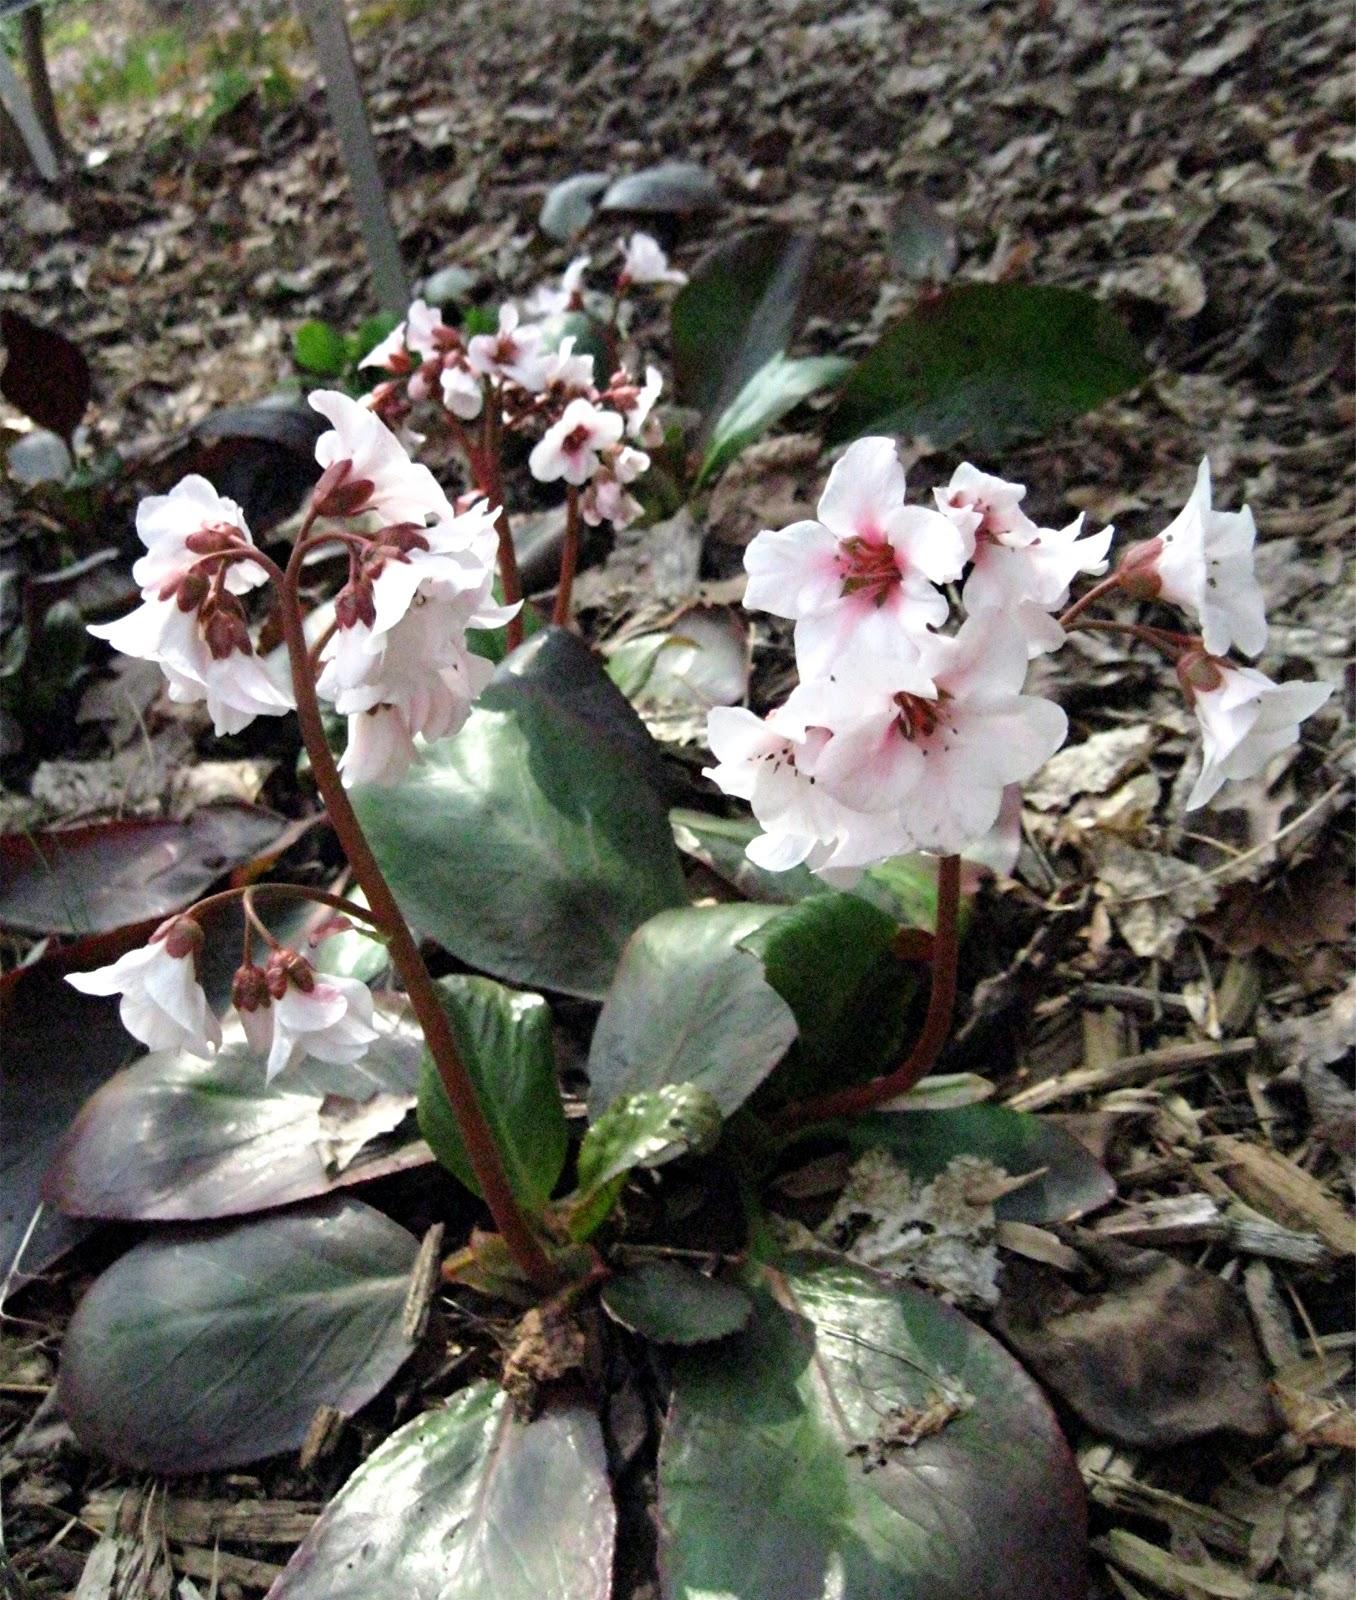 1003 Gardens: Bergenia Emeiensis 'Apple Blossom': A